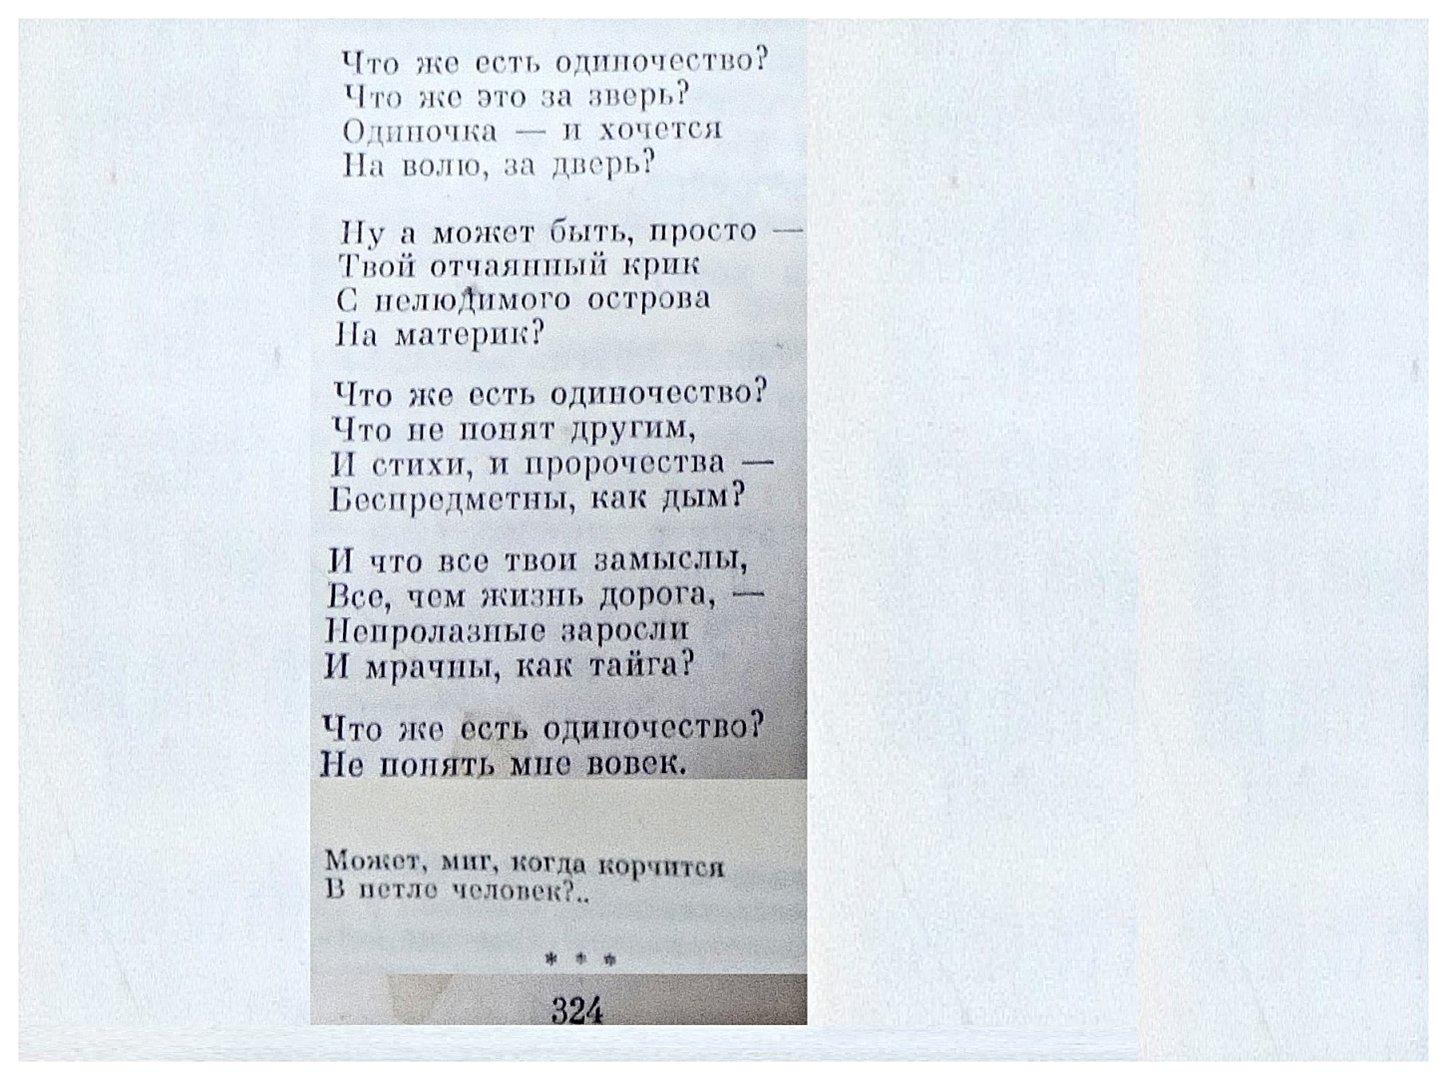 Виктор Астафьев, из книги Царь-рыба, иллюстрации, фото 003